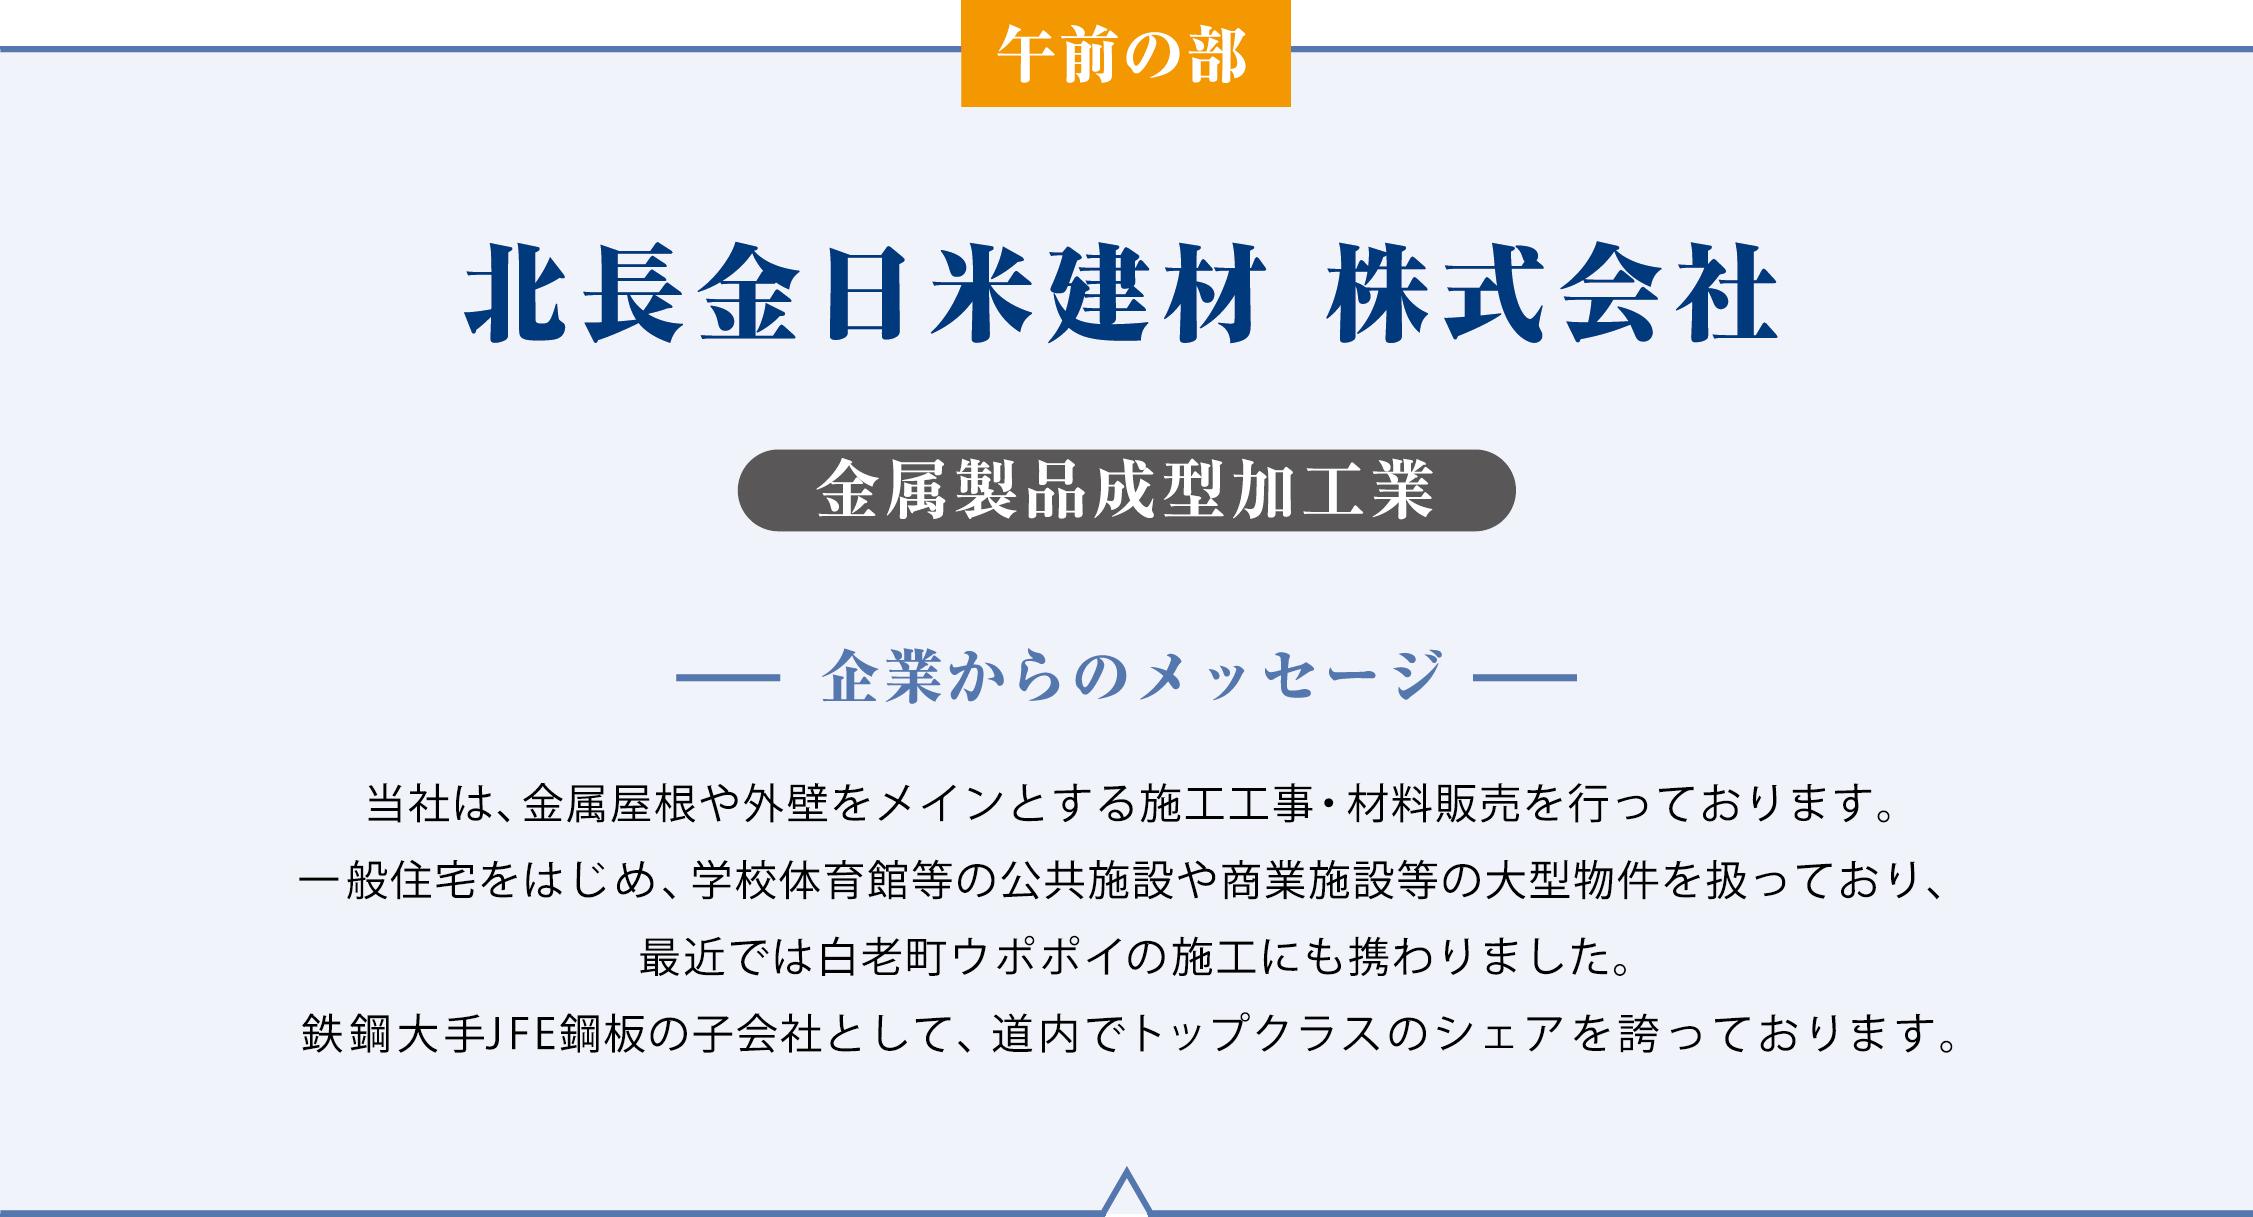 社会福祉法人 旭川共生会